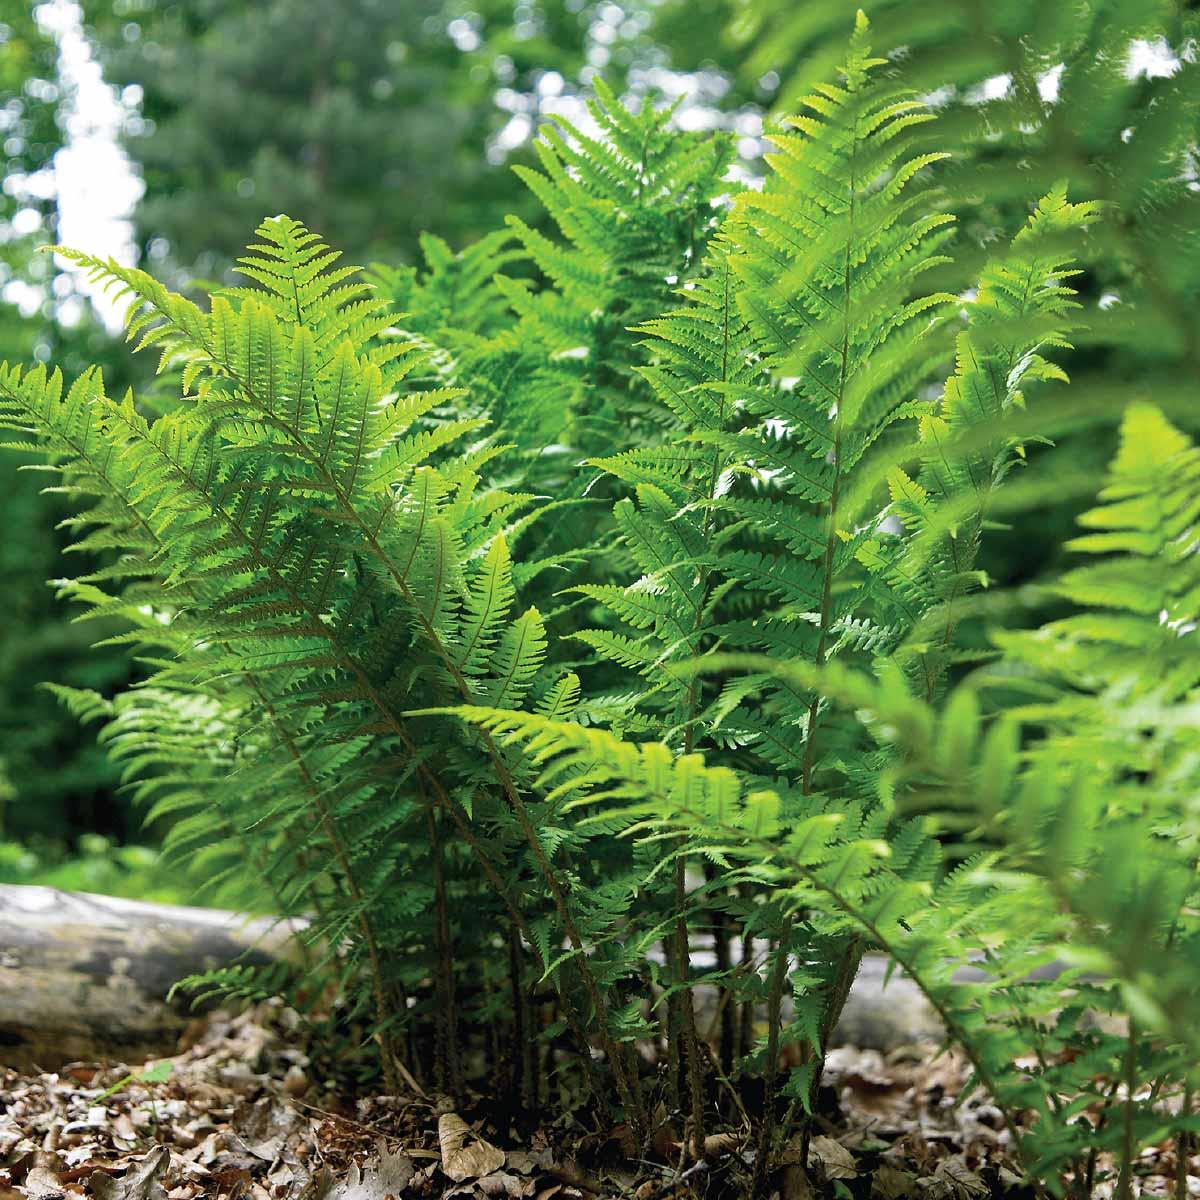 Leatherwood ferns - Longfield Gardens